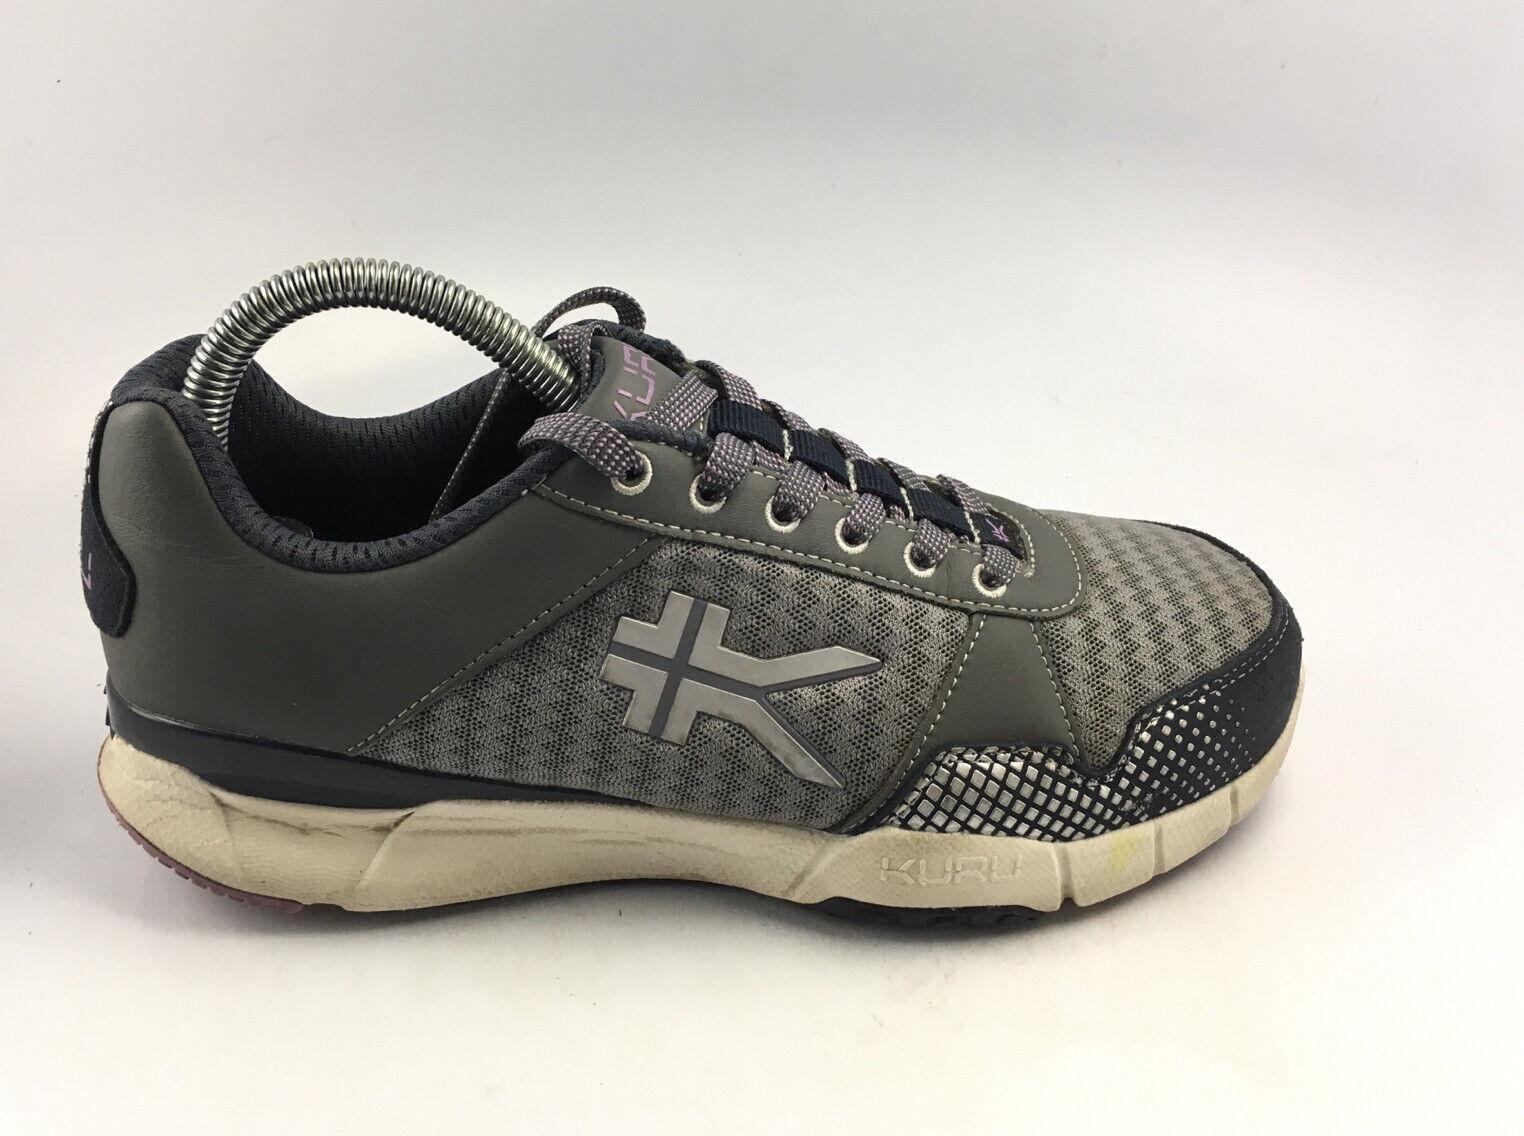 Kuru Femme Quantum Running Training Chaussures Gris/Violet 201323 taille us 7 m